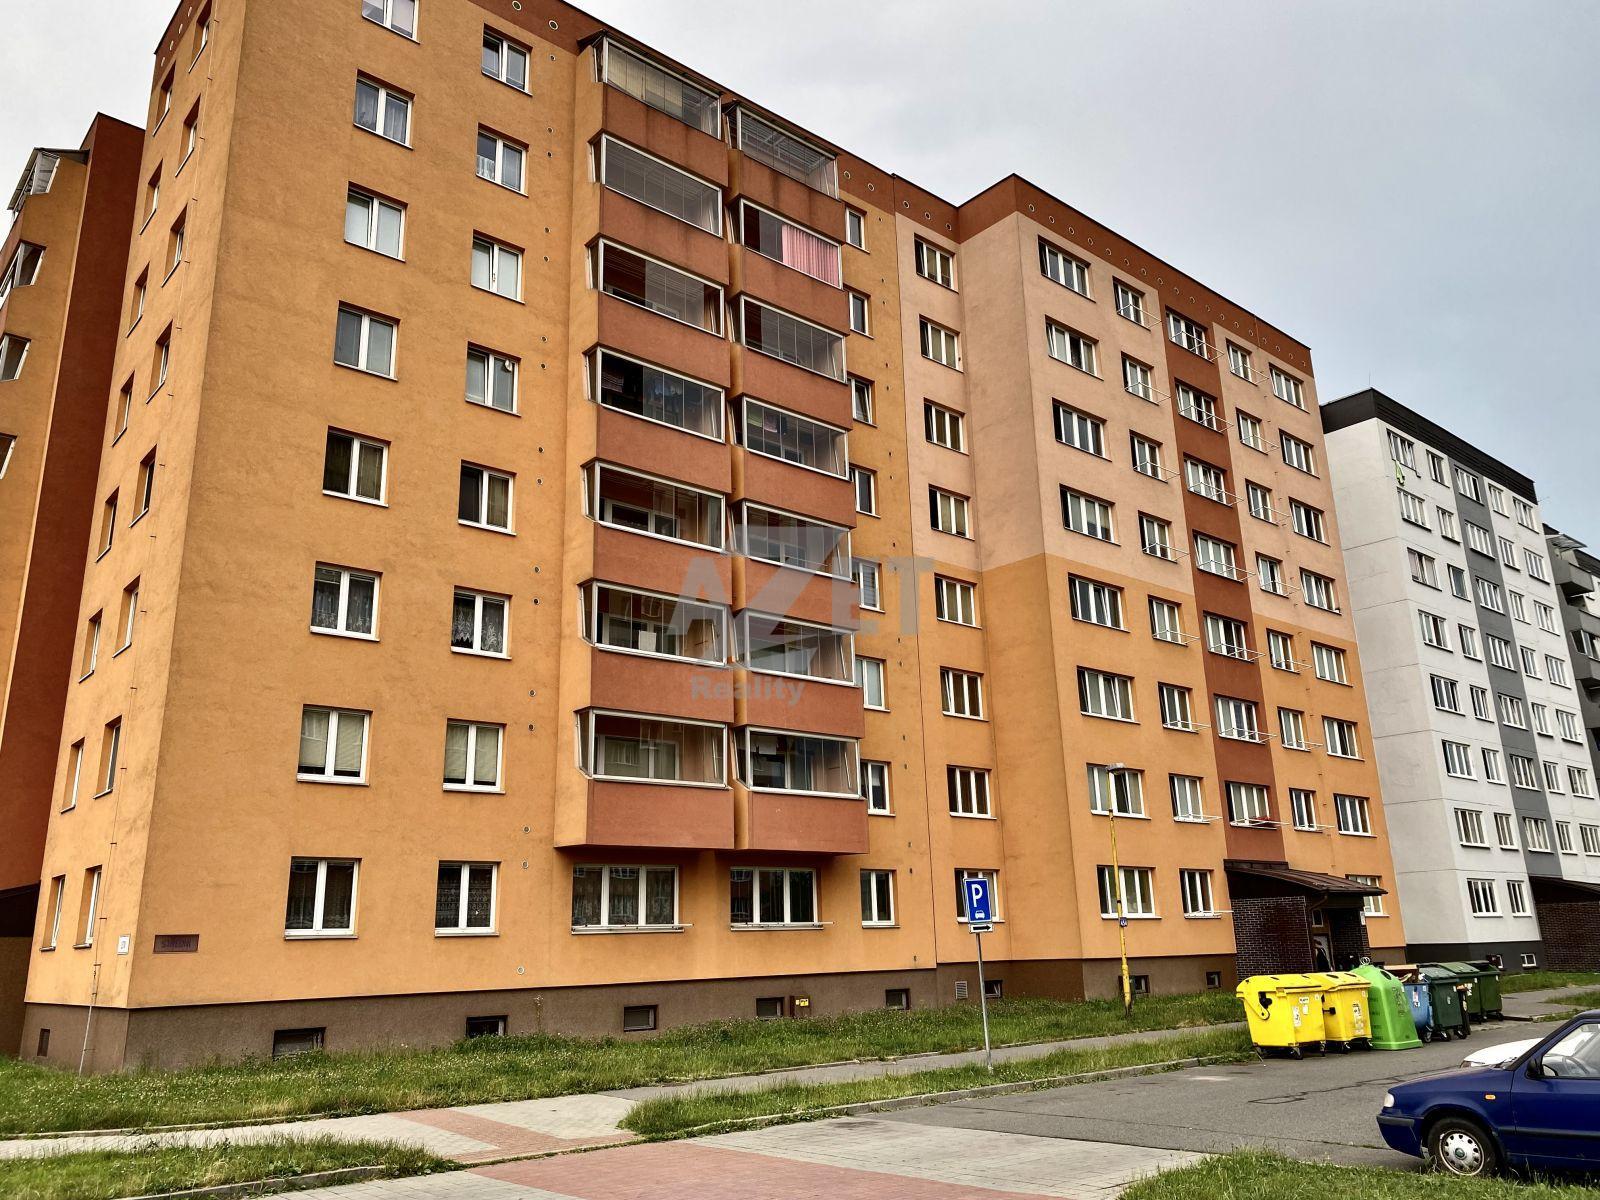 Prodej, byt 3+1, 73 m2, Havířov - Šumbark, ul. Střední